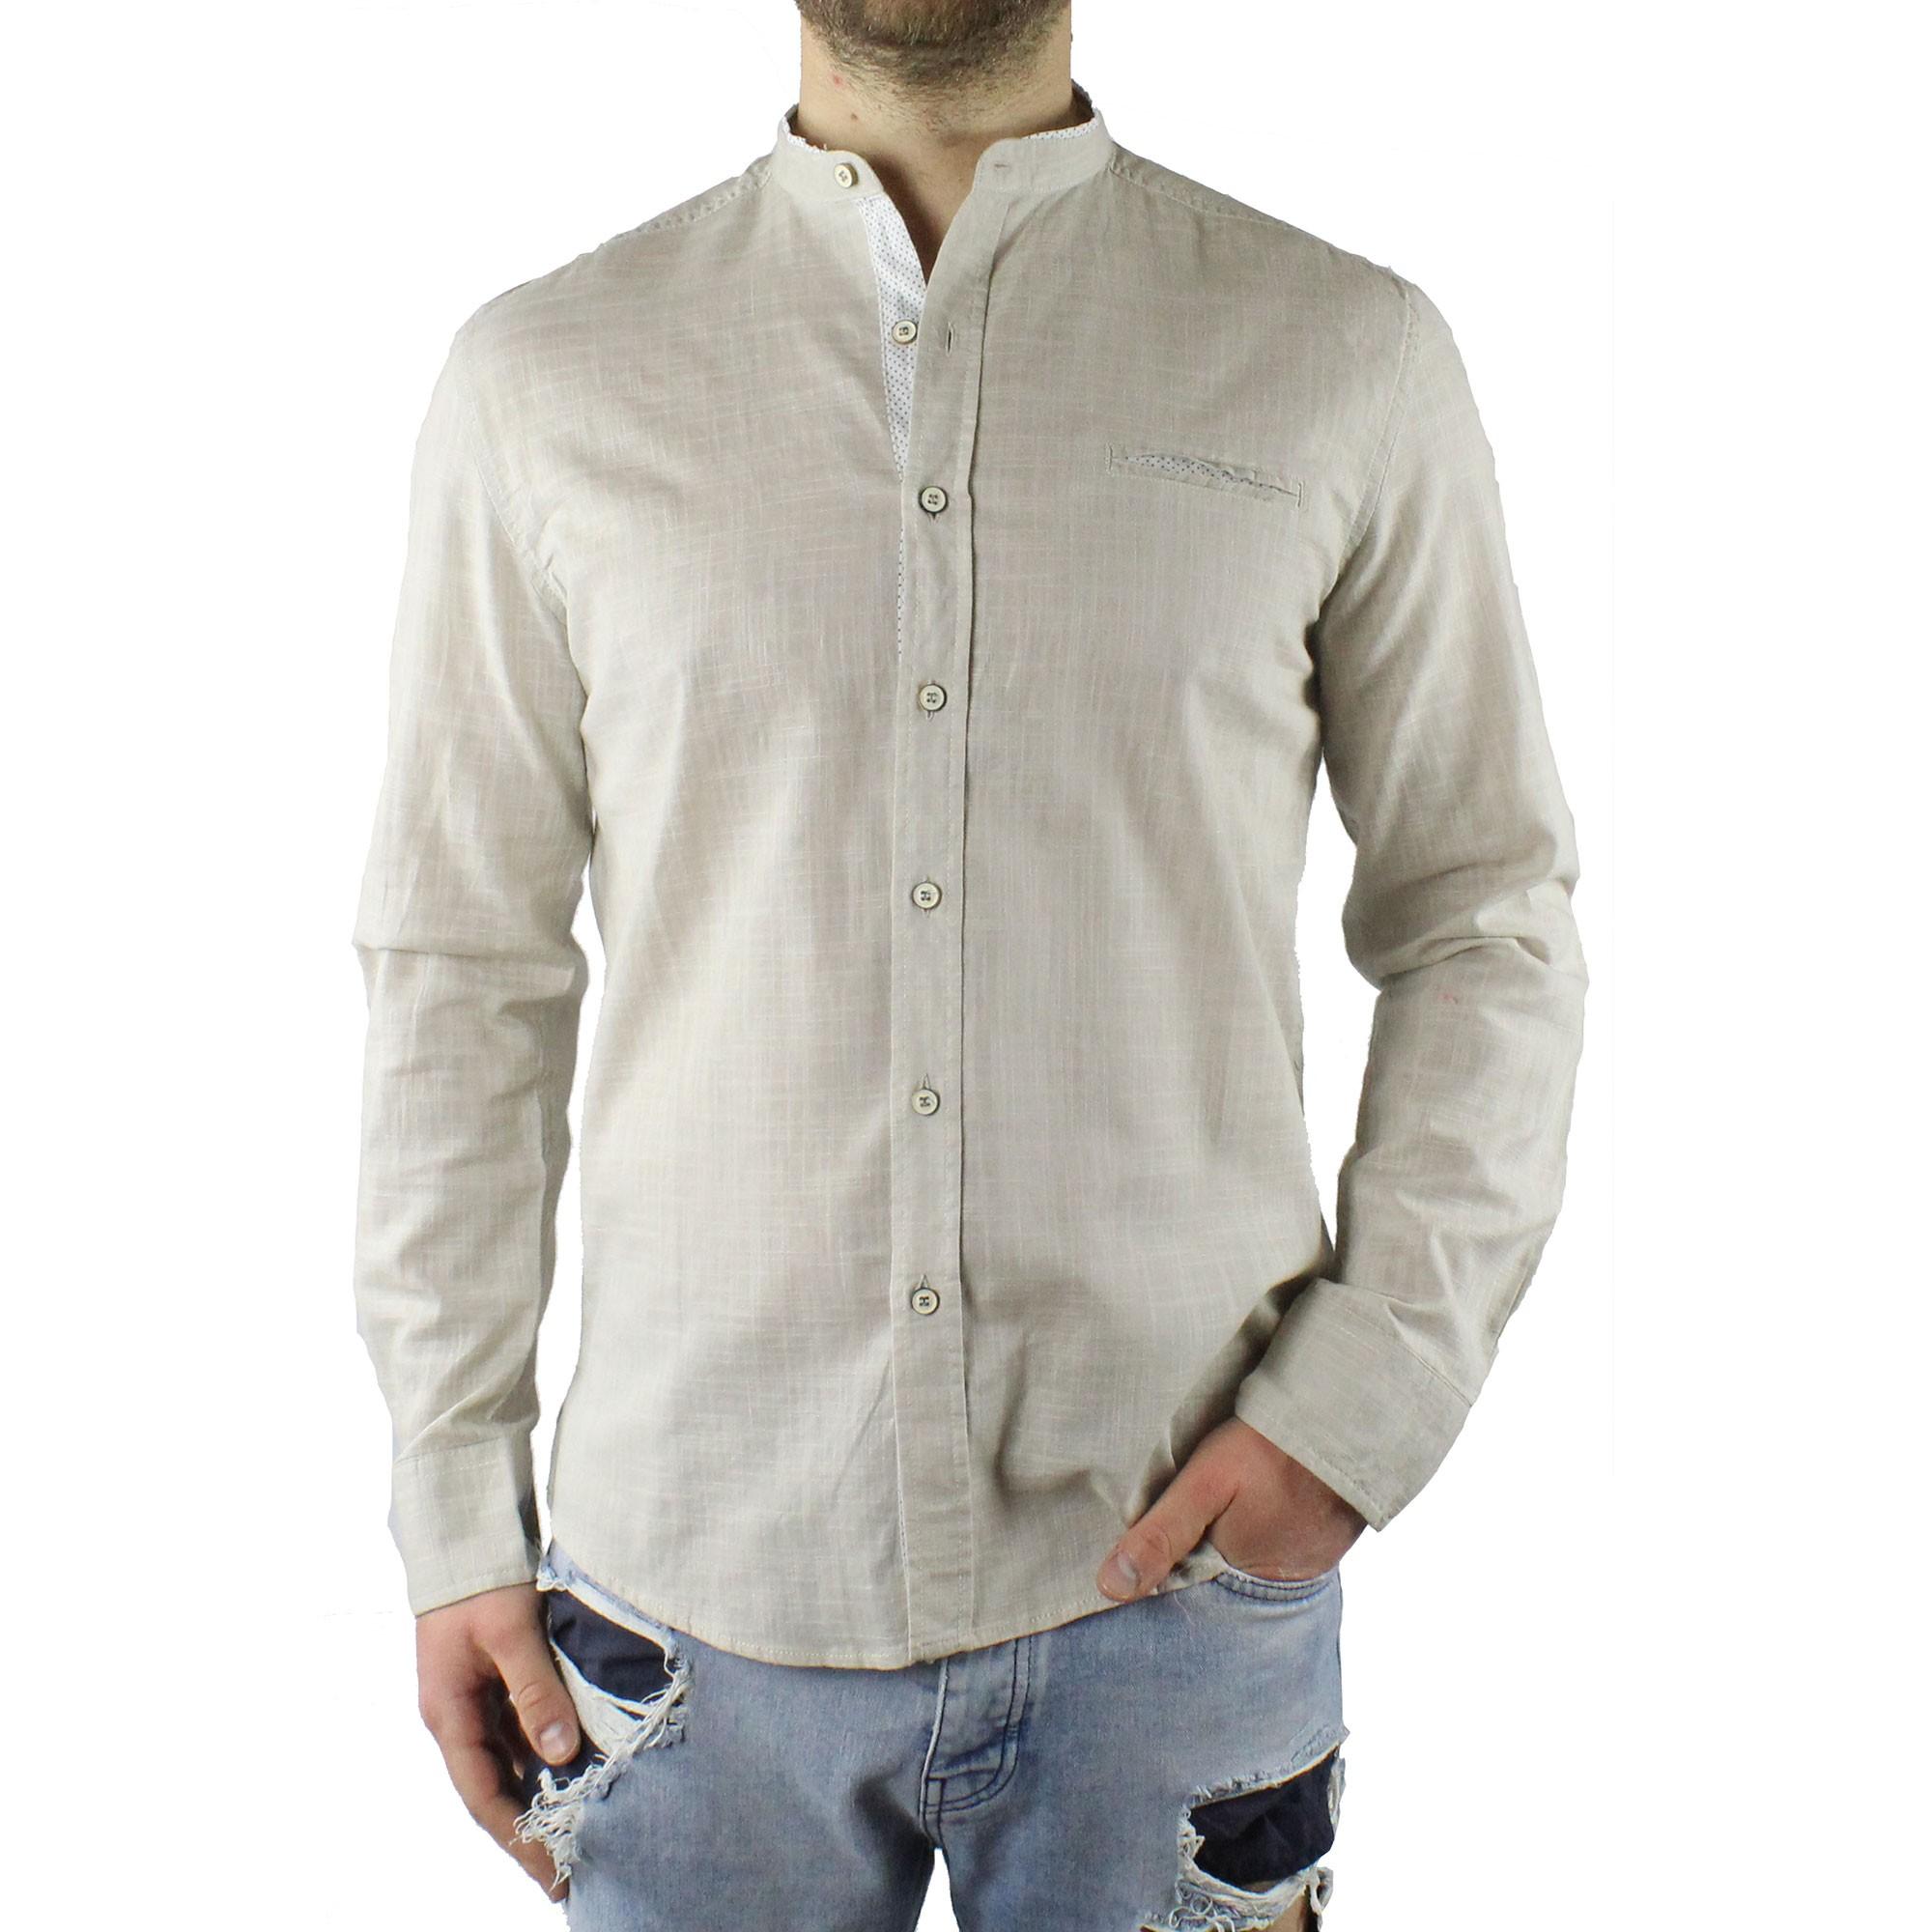 Camicia-Uomo-Collo-Coreana-Cotone-Casual-Slim-Fit-Manica-Lunga-Sartoriale-Estiva miniatura 12